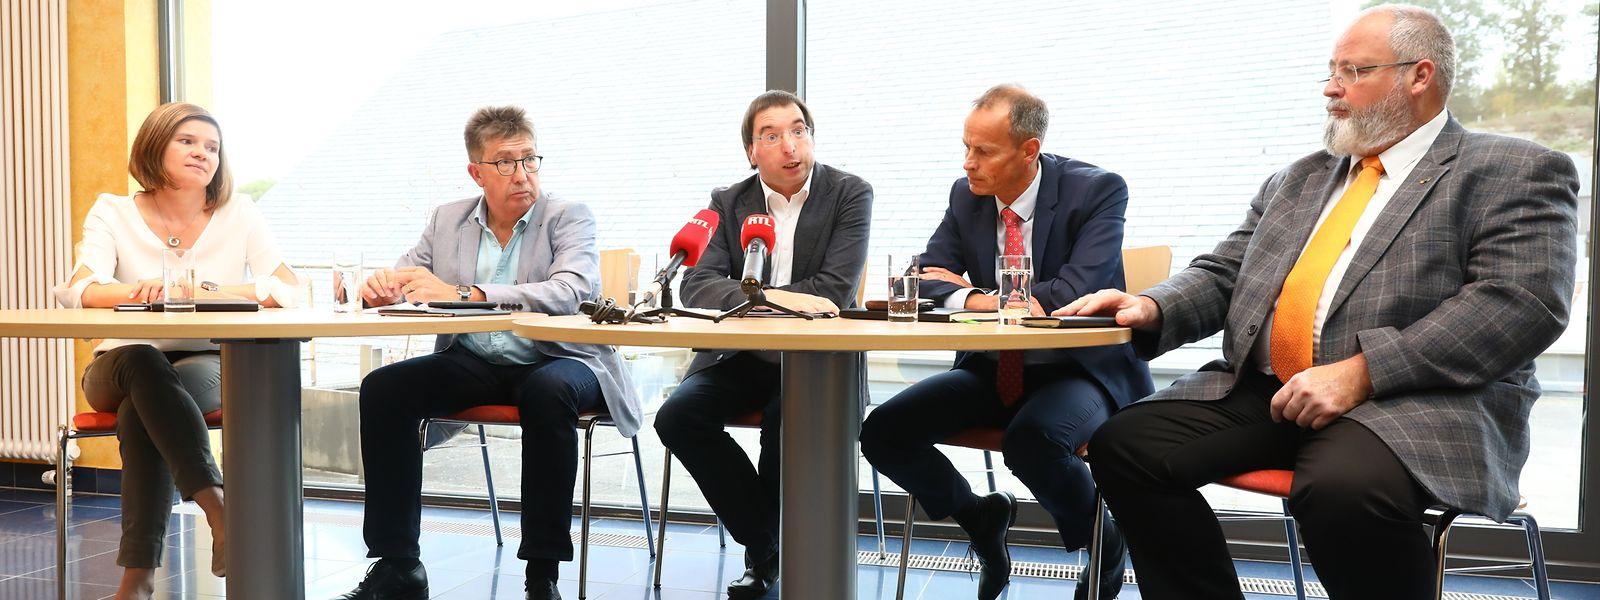 Fränk Clement (2.v.l.) und Carlo Mulbach (3.v.l.) mit ihren Parteikollegen Joëlle Fagny, Christian Hoscheid und Romain Lucas.